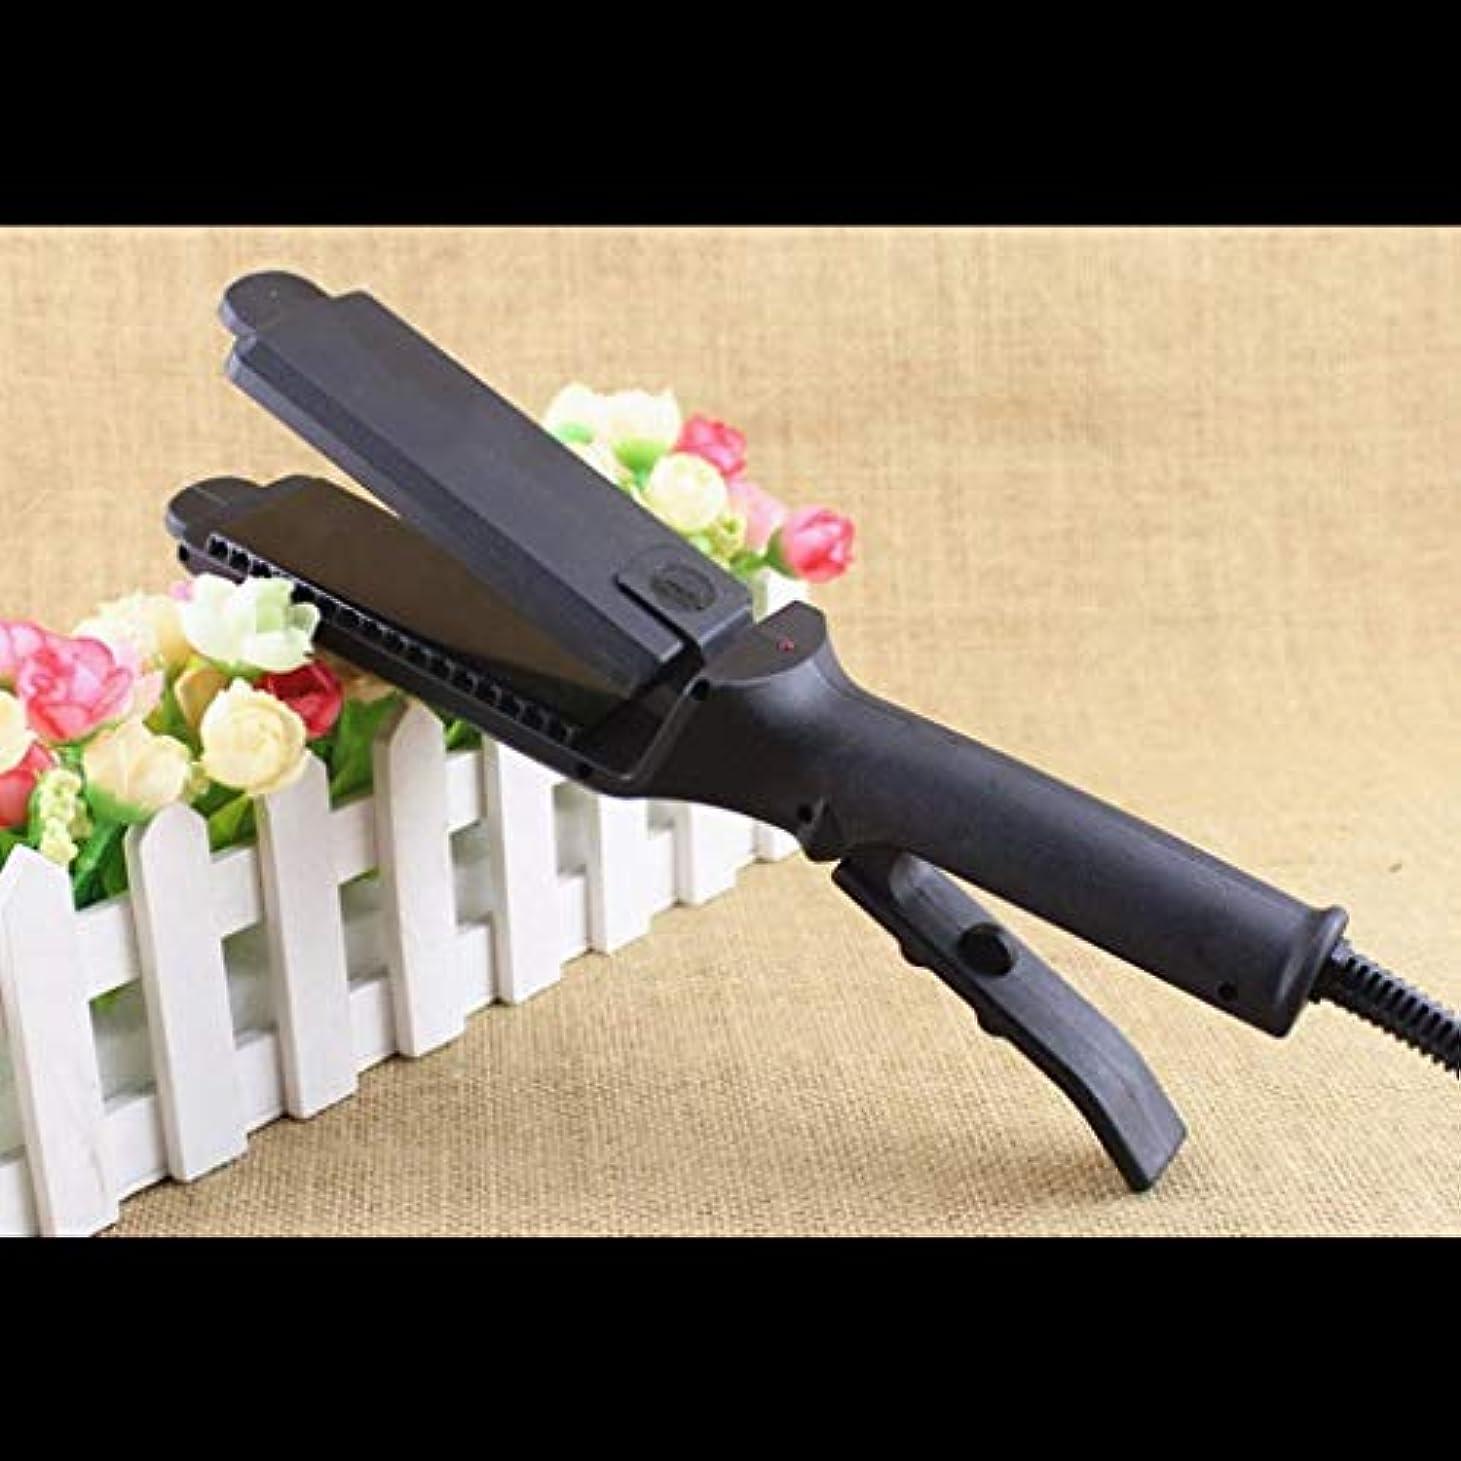 ピンポイント応じるシャベルJWWOZ 4ストレートヘアアイロンサーモスタットマイナスイオンは髪を傷つけない、美容院の特別なトウモロコシホット合板空気前髪 ストレートヘアアイロン (Size : M)